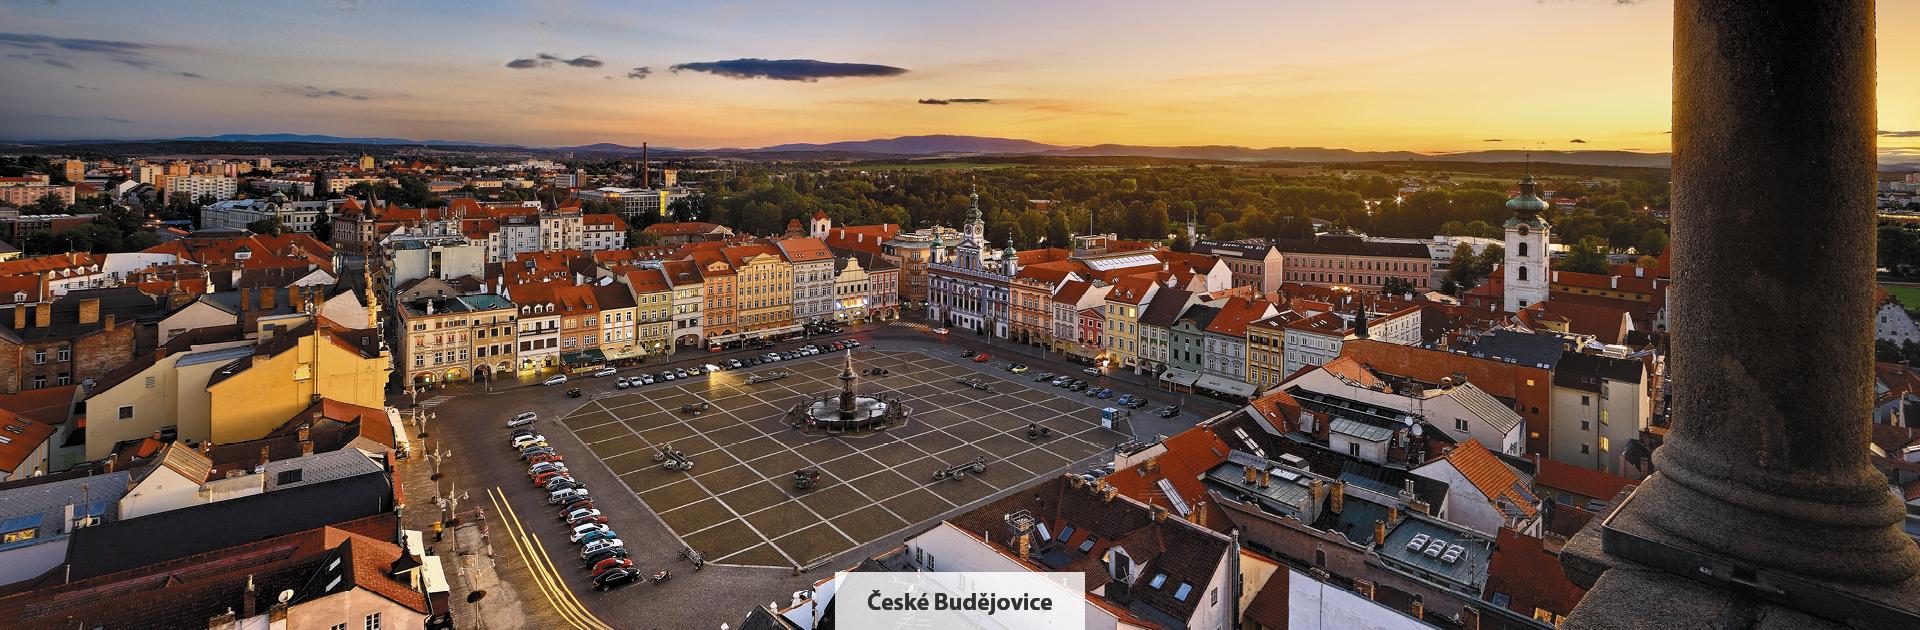 České Budějovice, náměstí Přemysla Otakara II., zdroj: Libor Sváček, archiv Vydavatelství MCU